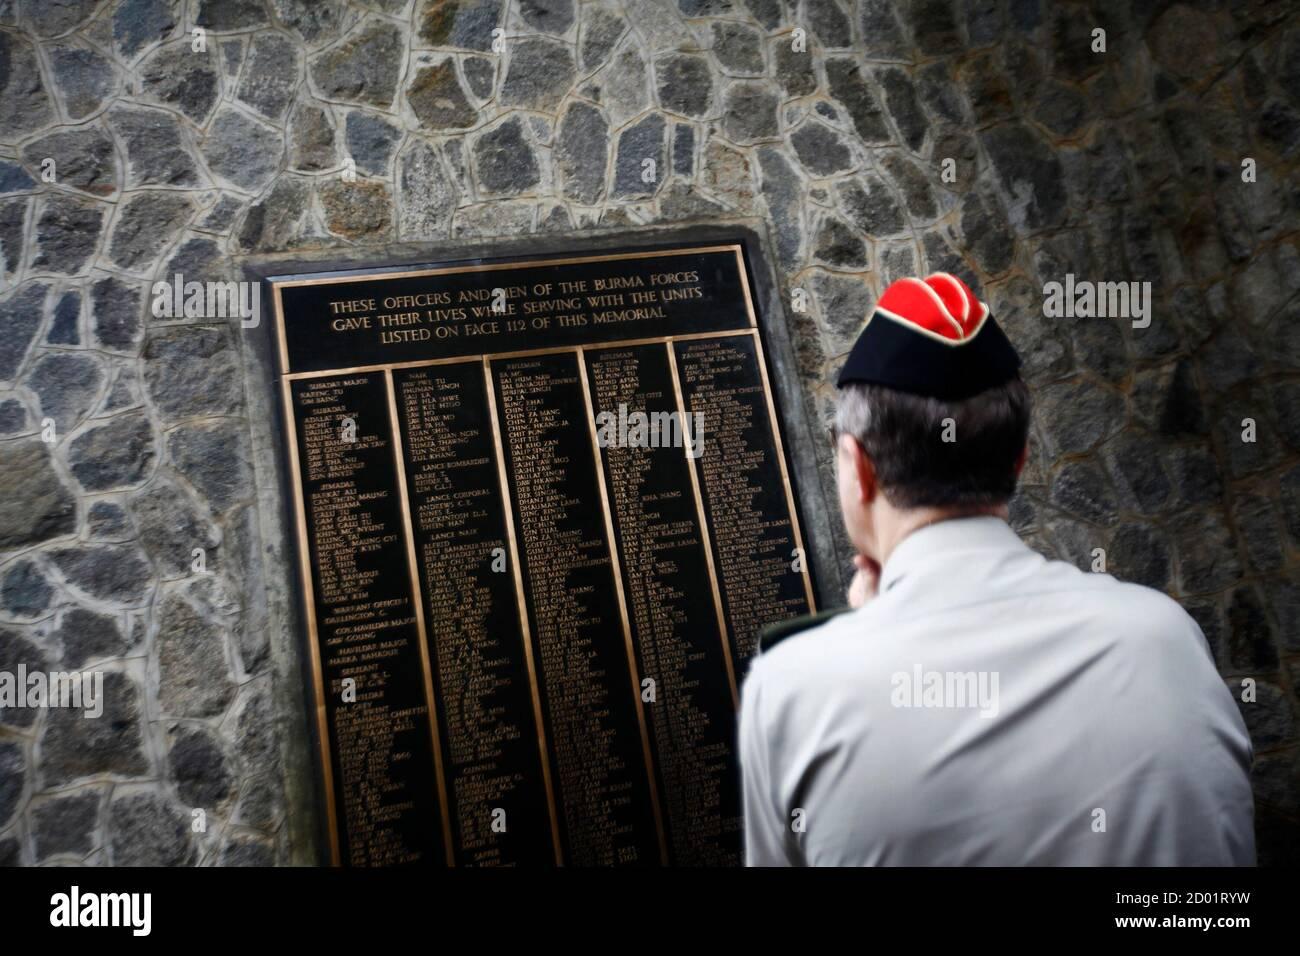 Le général David Richards, chef d'état-major de la Défense britannique, regarde une plaque commémorative portant les noms des soldats morts en Birmanie, actuellement connue sous le nom de Myanmar, pendant la deuxième Guerre mondiale, au cimetière de guerre de Taukkyan, à la périphérie de Yangon, le 4 juin 2013. REUTERS/Minzayar (MYANMAR - Tags: CONFLIT POLITIQUE MILITAIRE) Banque D'Images